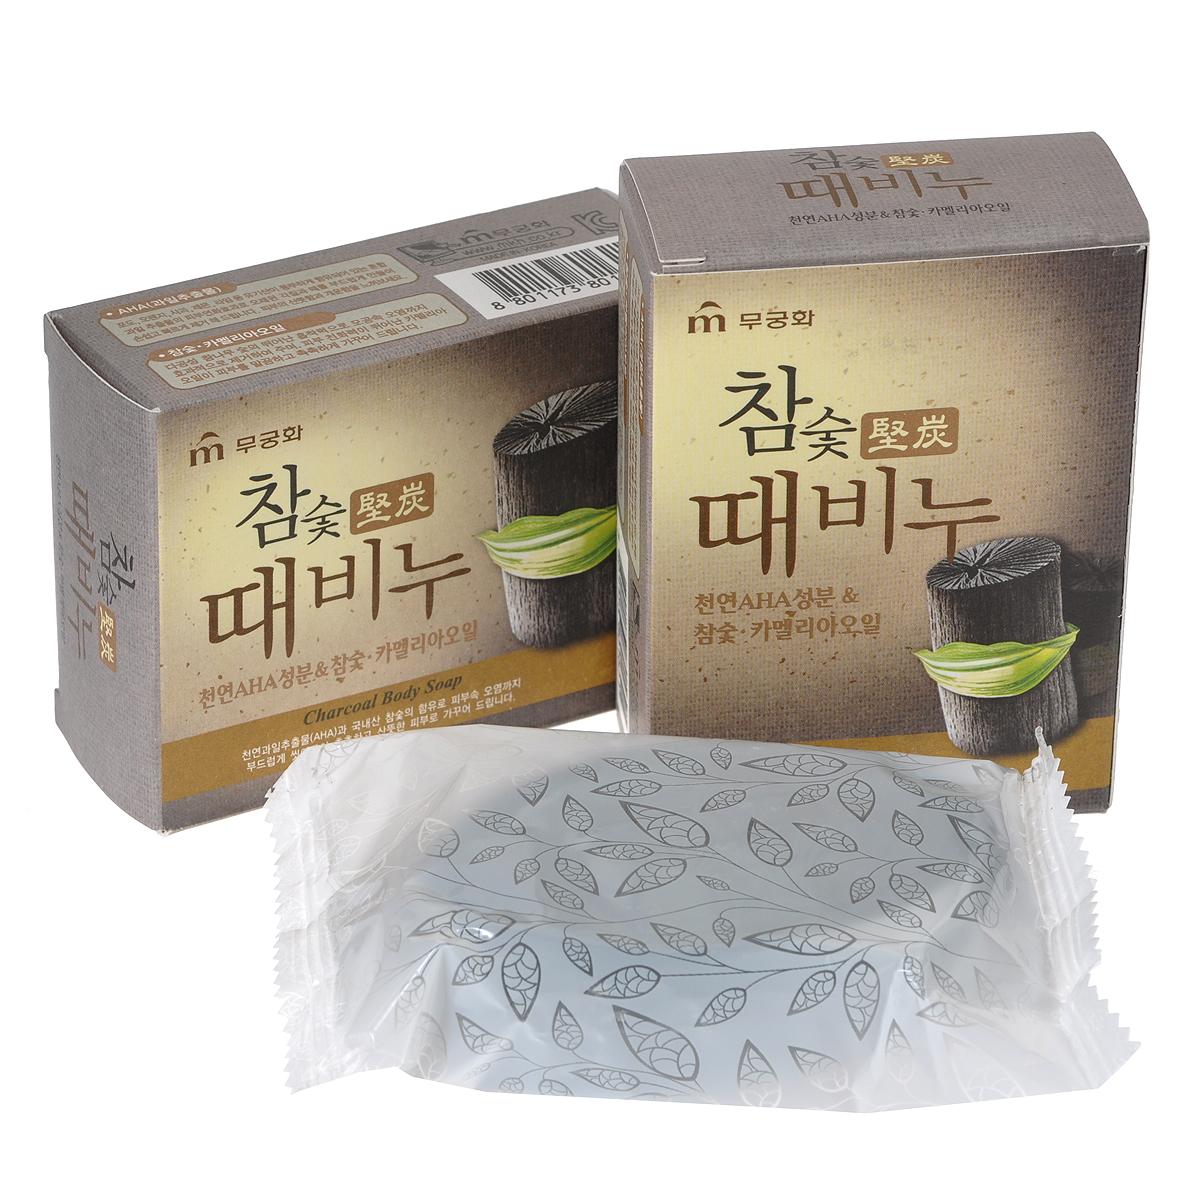 Mukunghwa Косметическое мыло-скраб Древесный уголь, 3 х 100 гУТ000000707Высококачественный древесный уголь лиственных пород, произрастающих на территории Кореи, эффективно очищает кожу. Хорошо раскрывает поры, удаляя загрязнения и отмершие клетки верхнего слоя кожи, и делает ее эластичной, нежной и гладкой. Масло камелии смягчает кожу и придает ей здоровый вид. Способ применения : массирующими движениями нанесите мыло-скраб на кожу, после чего тщательно смойте обильным количеством воды. Характеристики: Количество: 3 шт. Вес: 3 х 100 г. Товар сертифицирован. Состав: мыльная основа, отдушка, дециловый полиглюкозид, экстракты AHA, масло камелии, древесный уголь, тетранатрия этидронат.